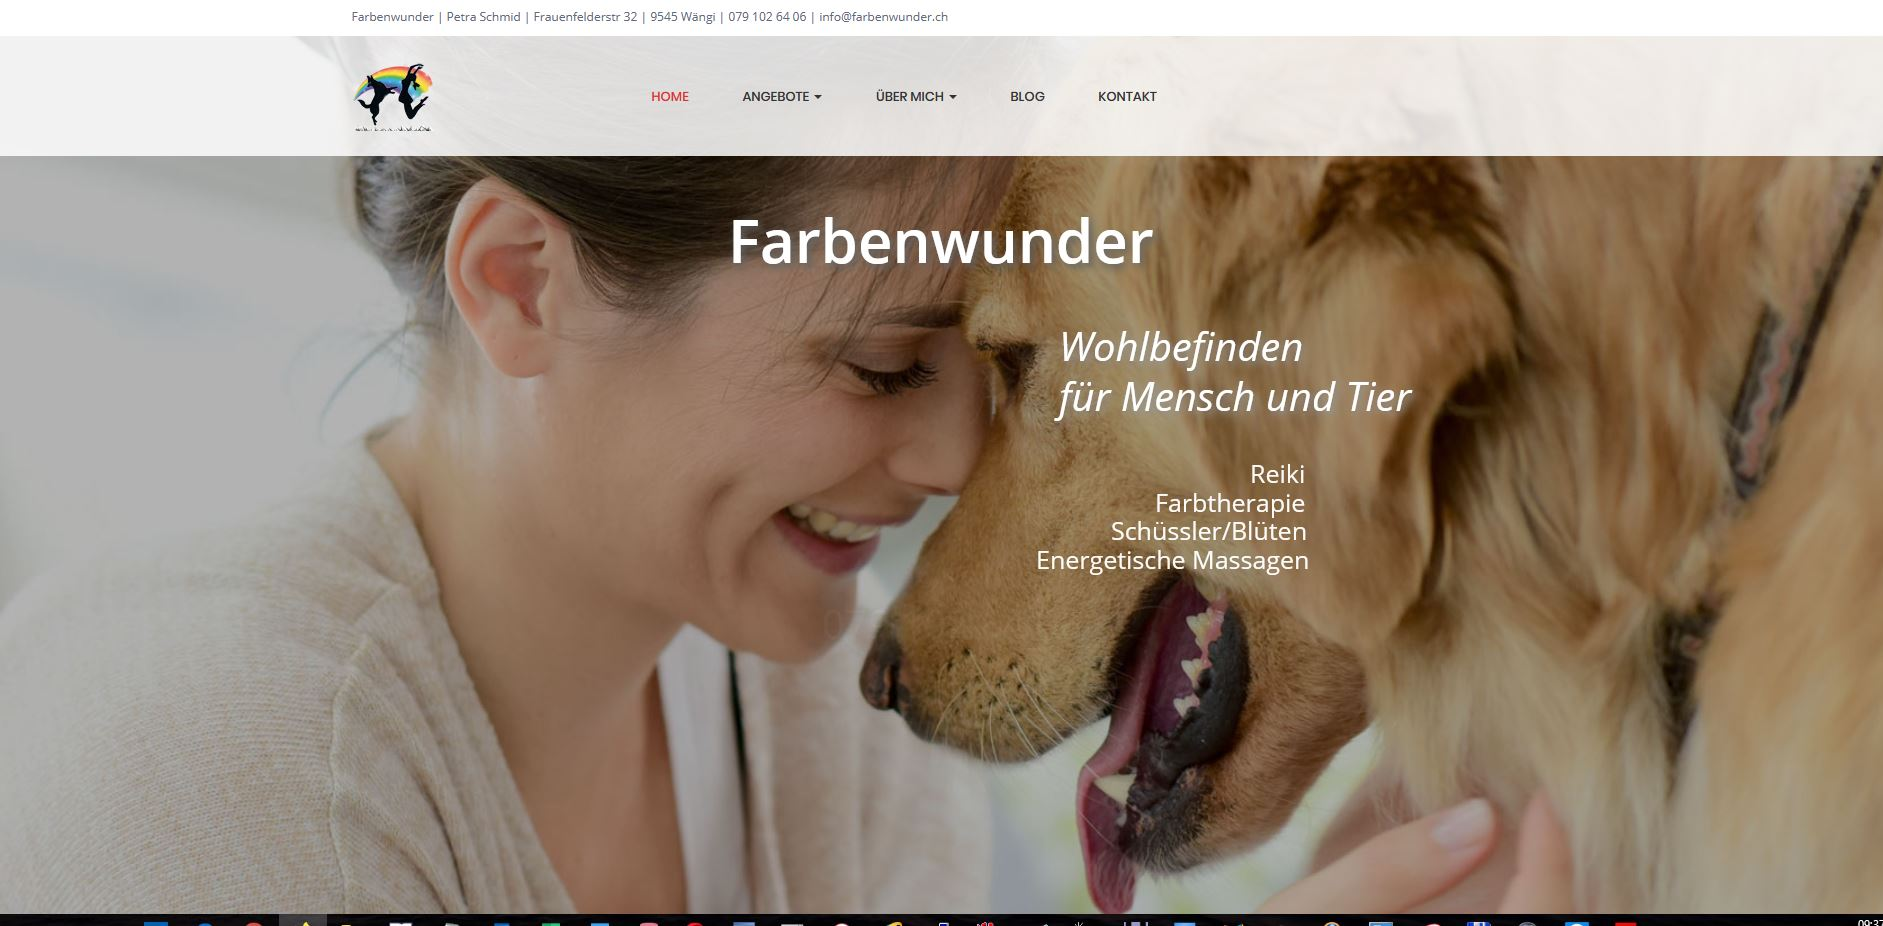 farbenwunder.ch